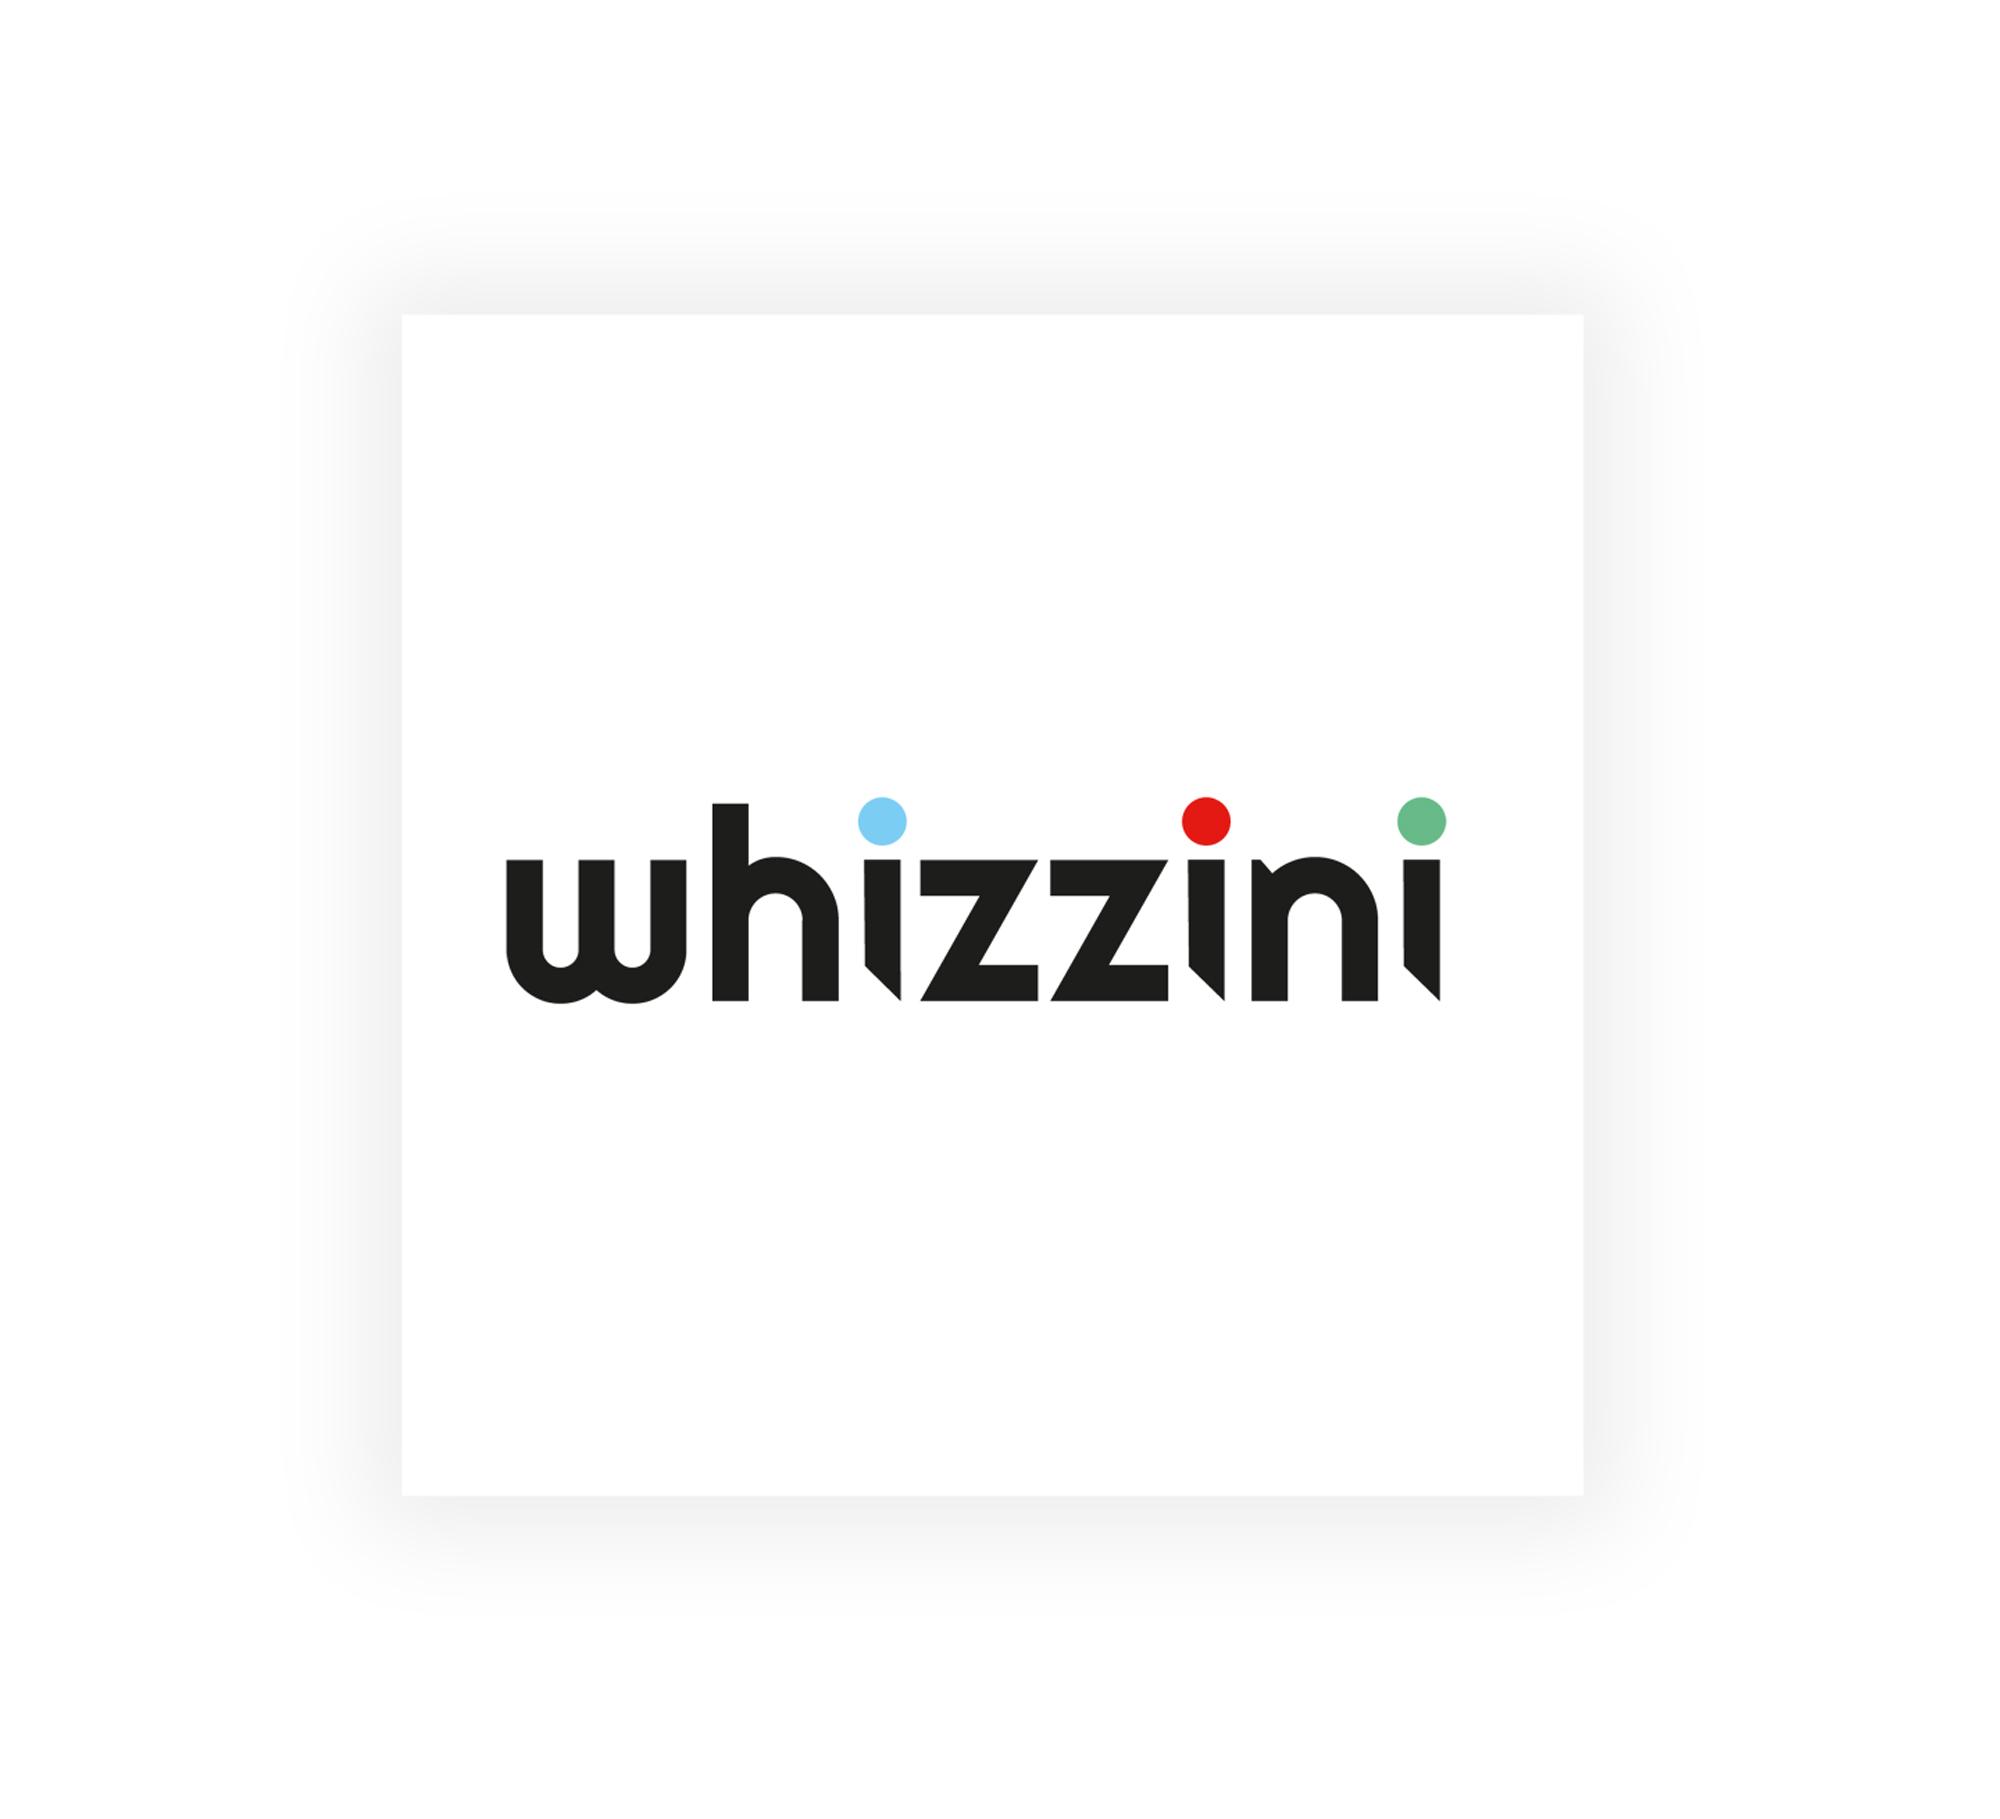 whizzini